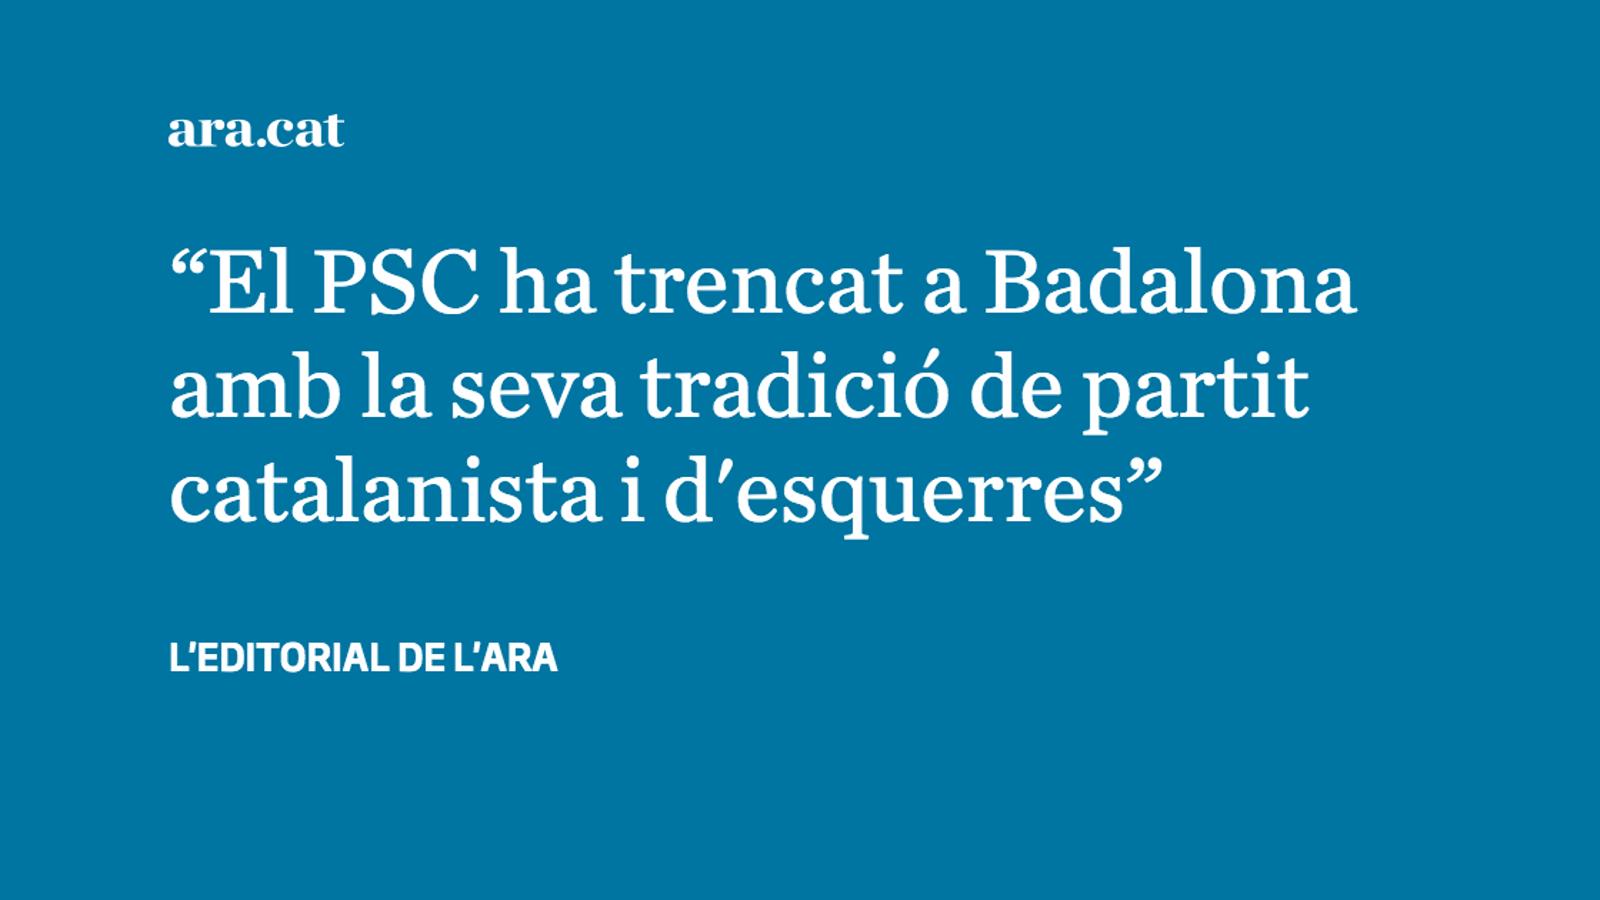 L'immens error del PSC a Badalona